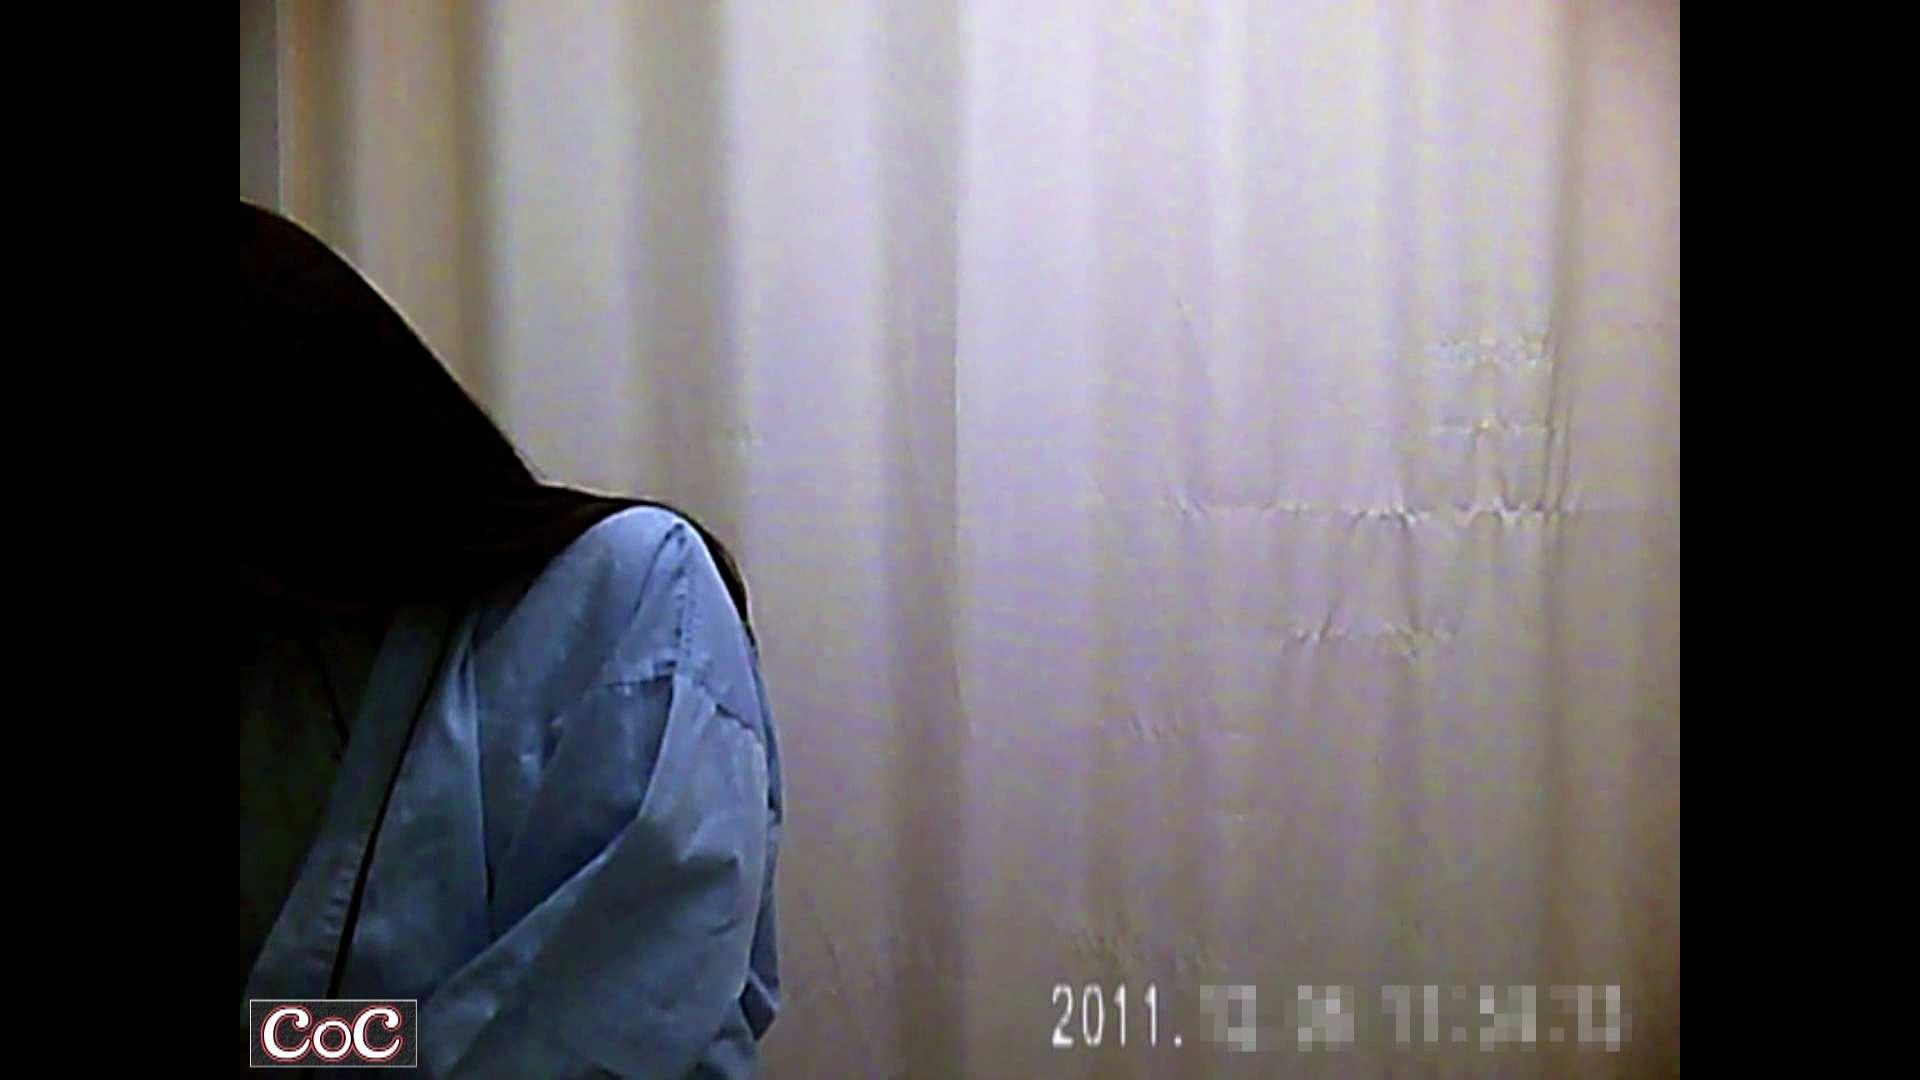 無料アダルト動画:元医者による反抗 更衣室地獄絵巻 vol.183:怪盗ジョーカー